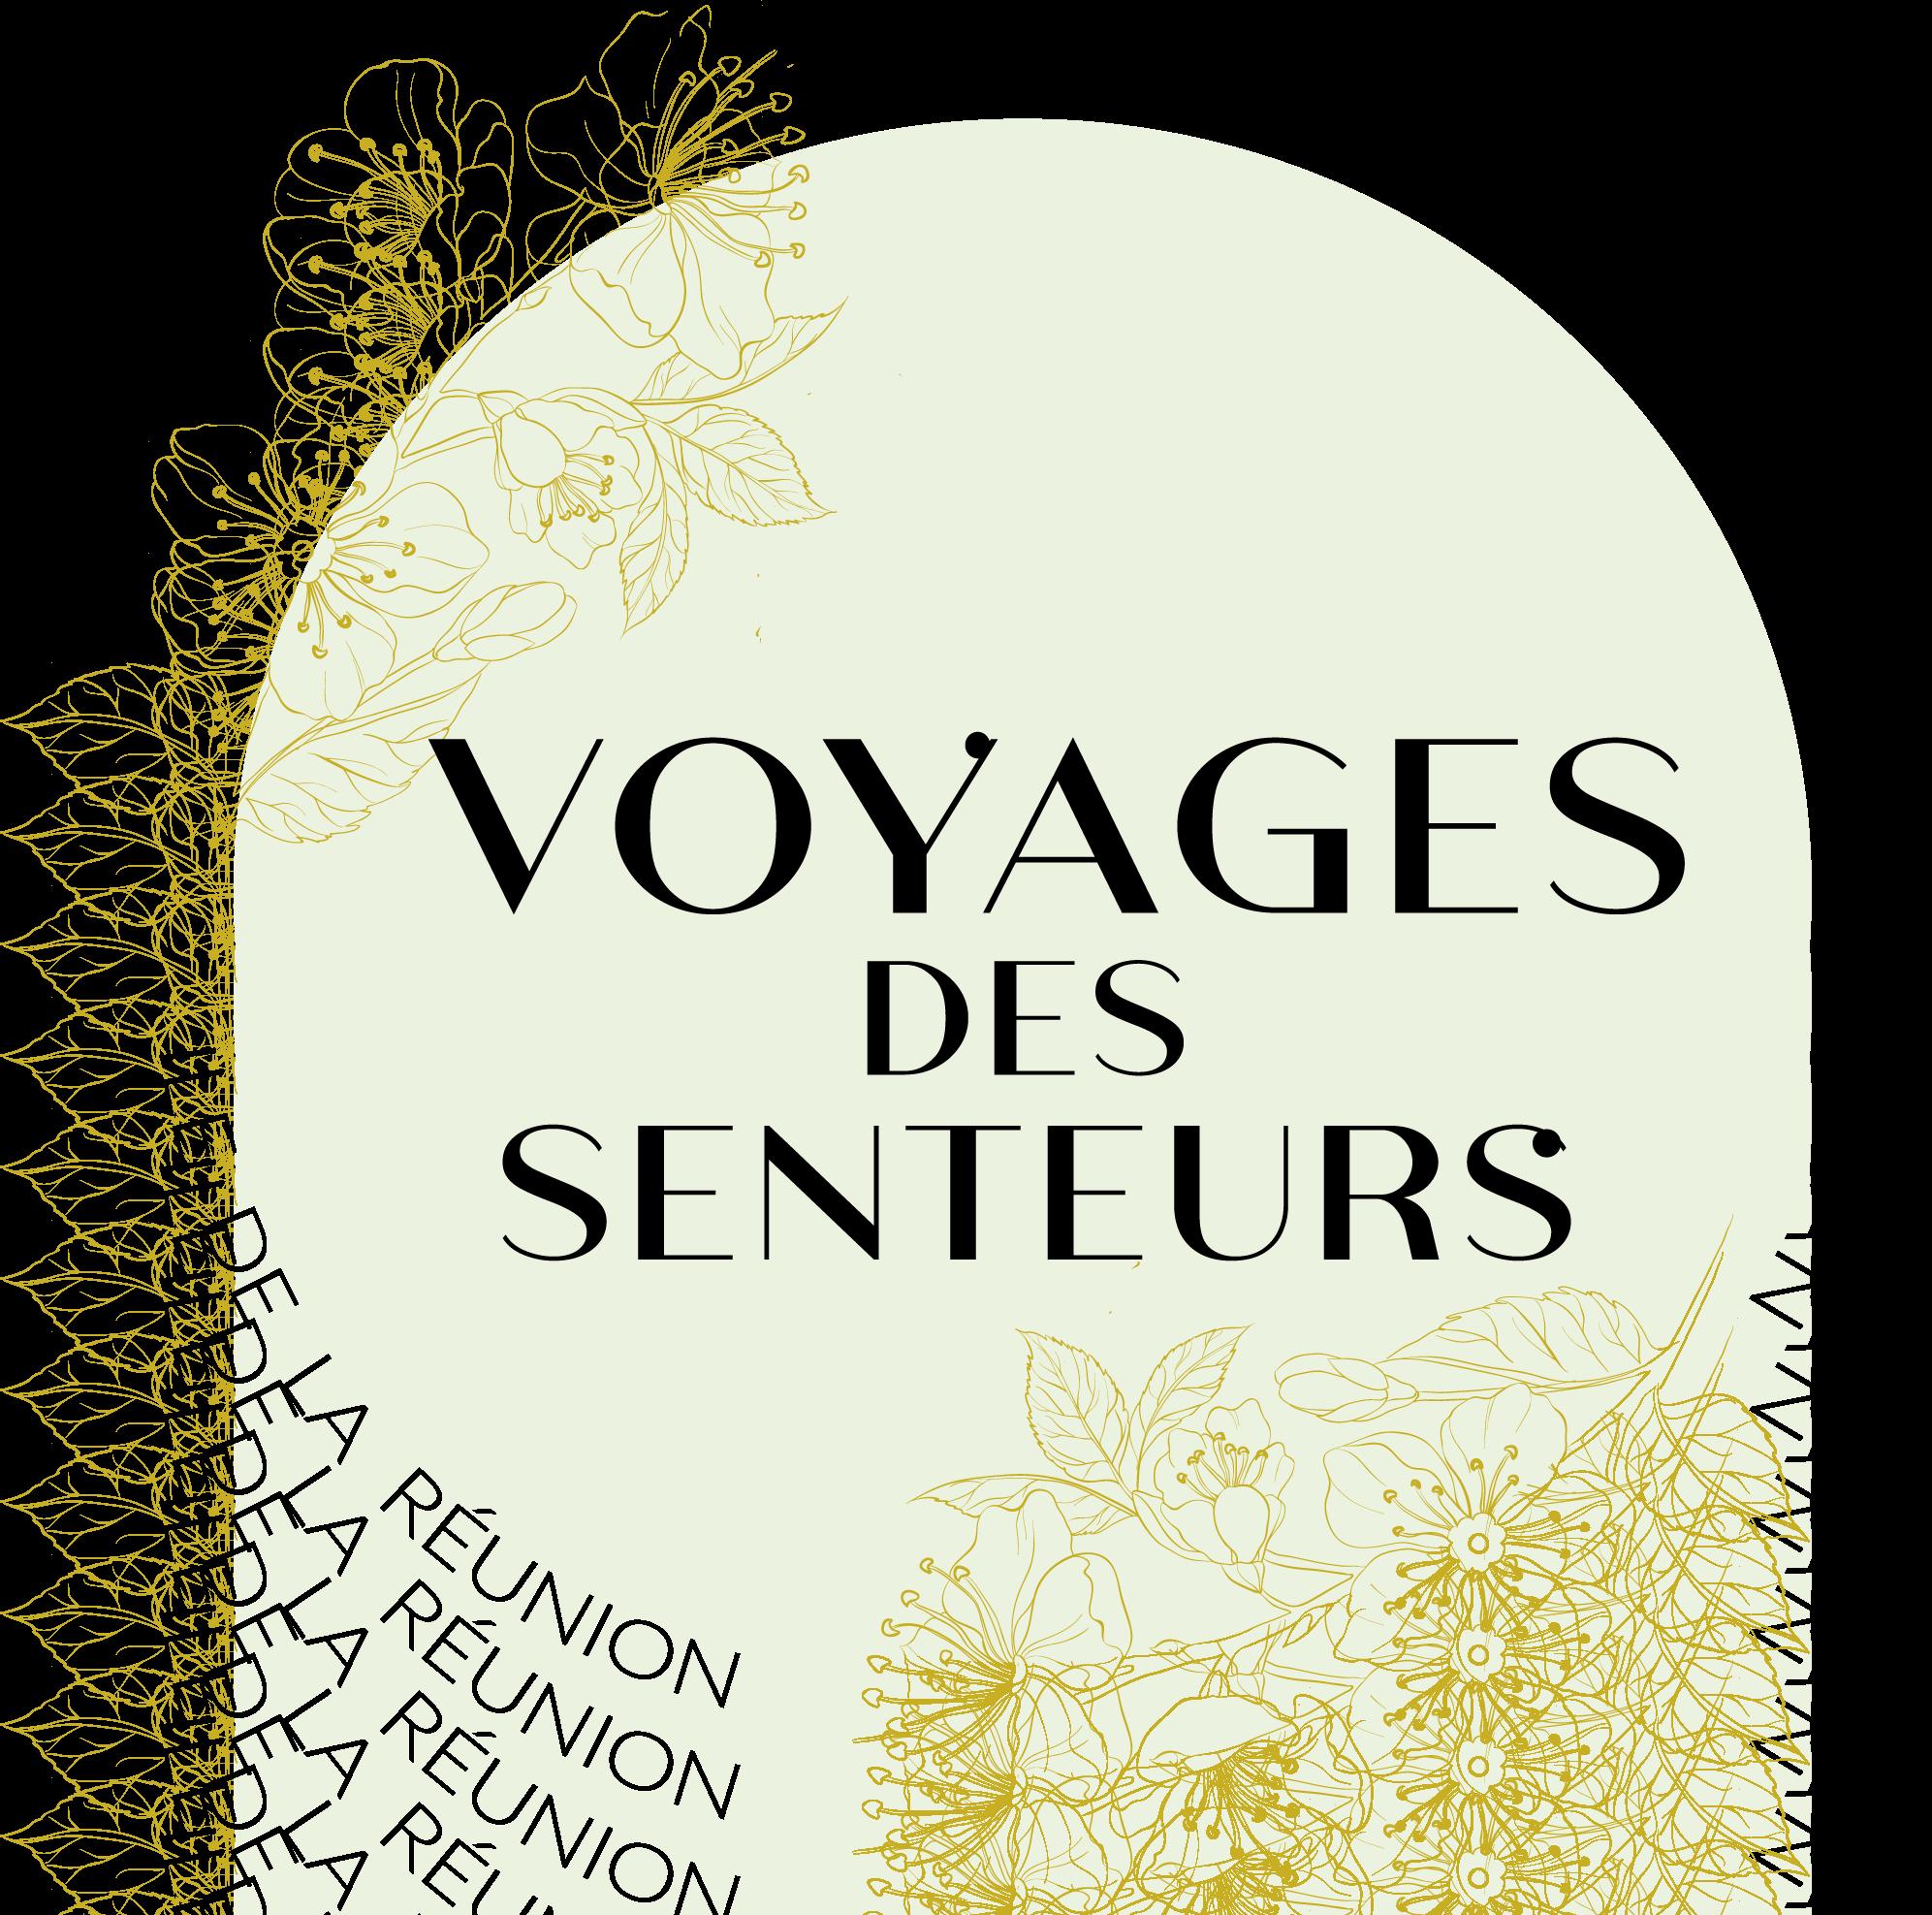 Voyages des Senteurs